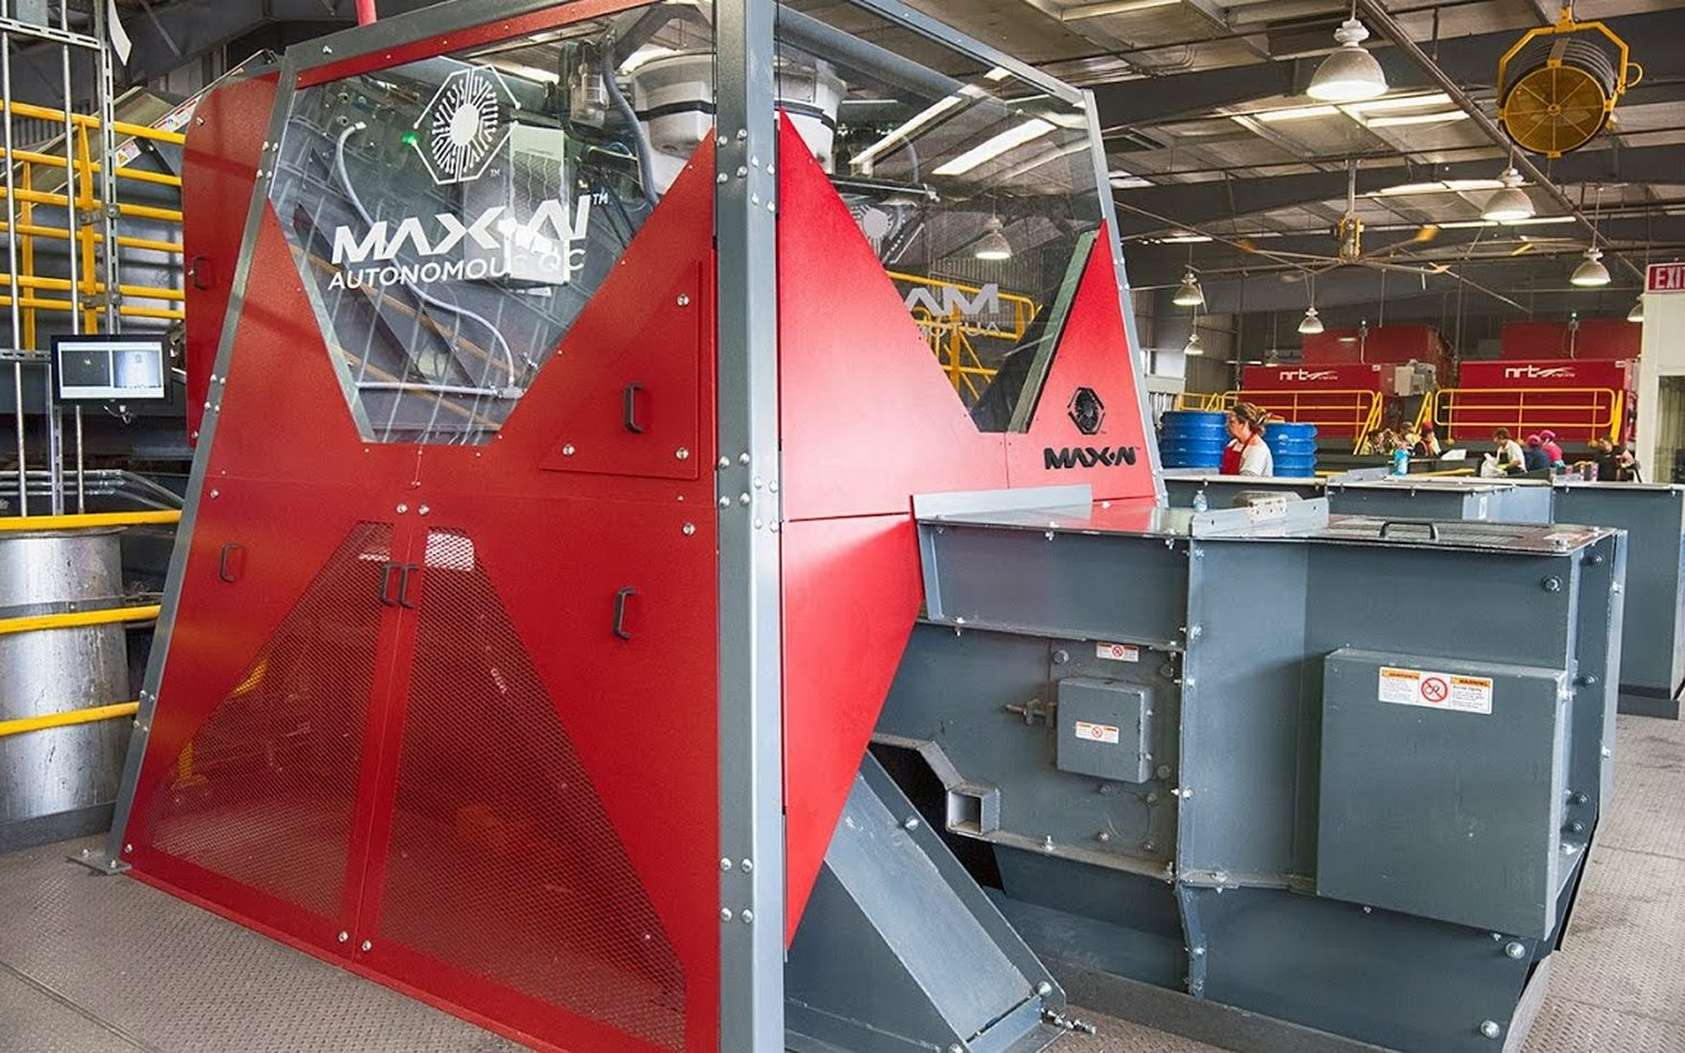 Le robot trieur de déchets Max AI. © Max AI